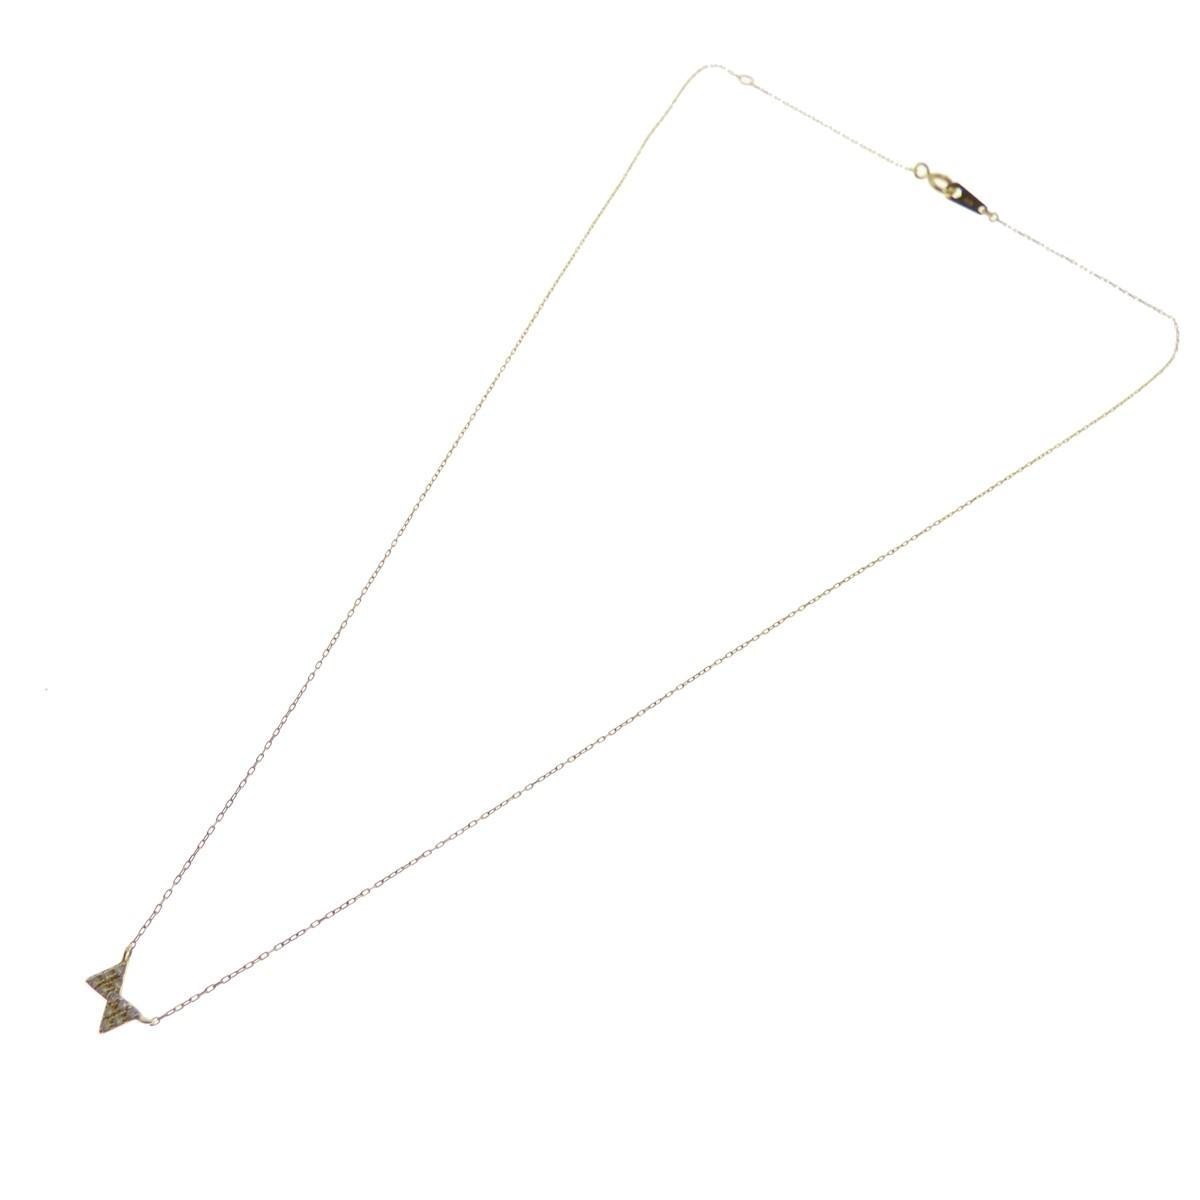 【中古】ete K18 リボンデザイントップ ネックレス ゴールド サイズ:- 【送料無料】 【011118】(エテ)